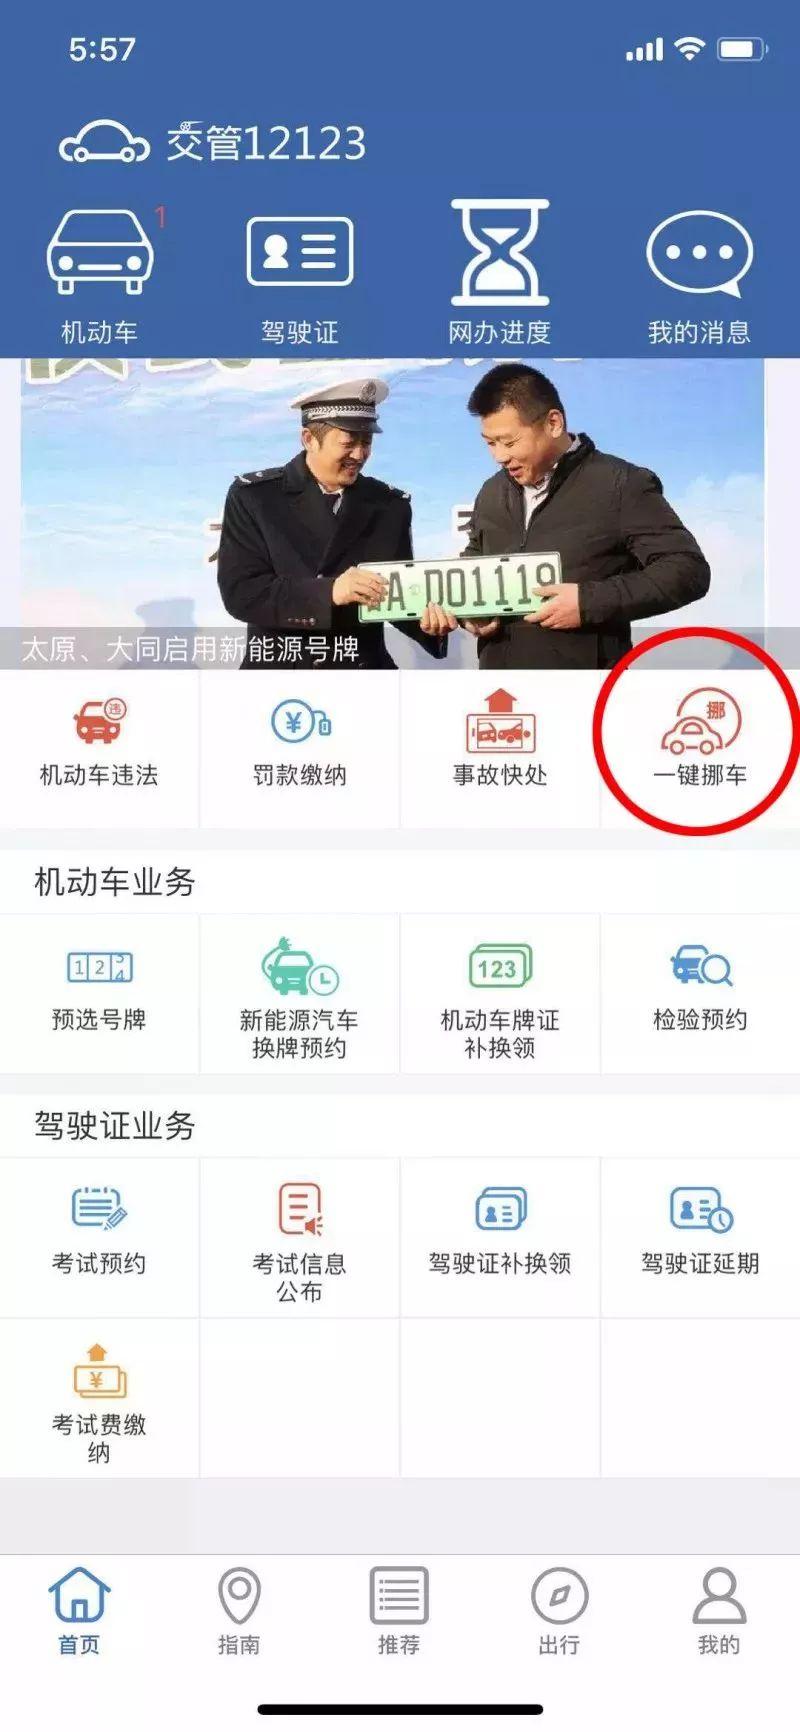 北京交警APP下载入口、功能及使用指南